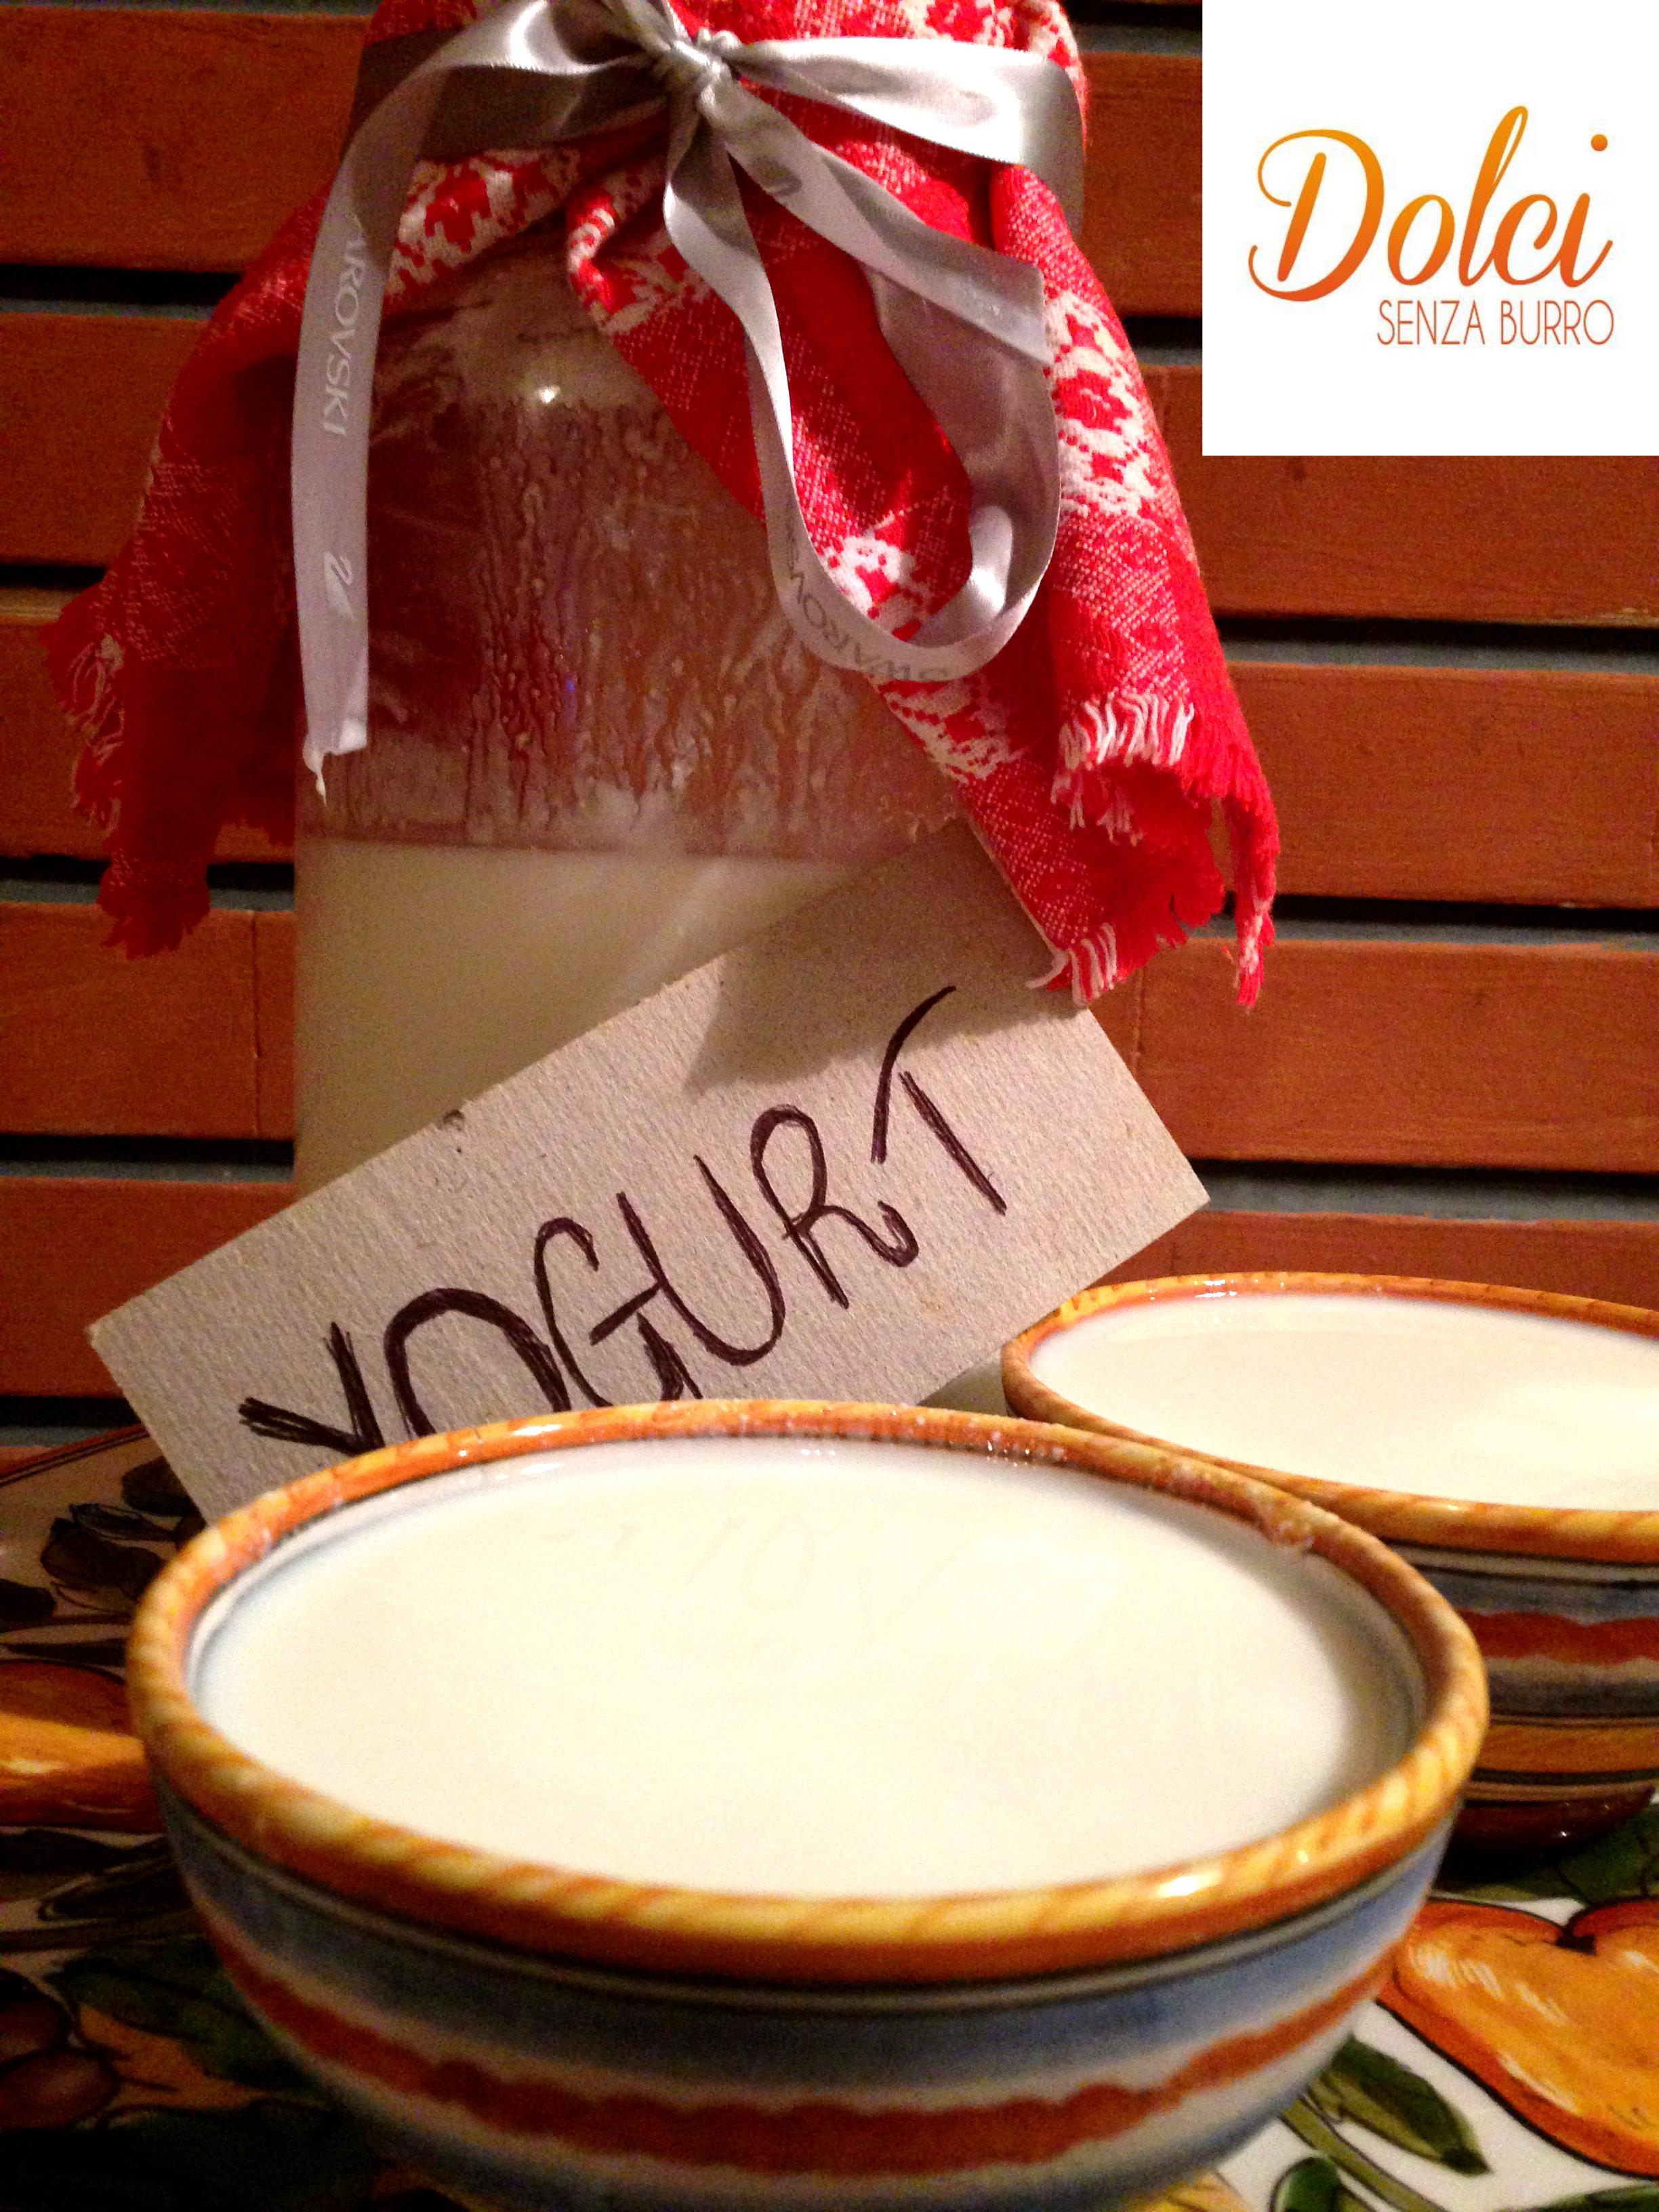 yogurt fatto in casa, la ricetta di dolci senza burro